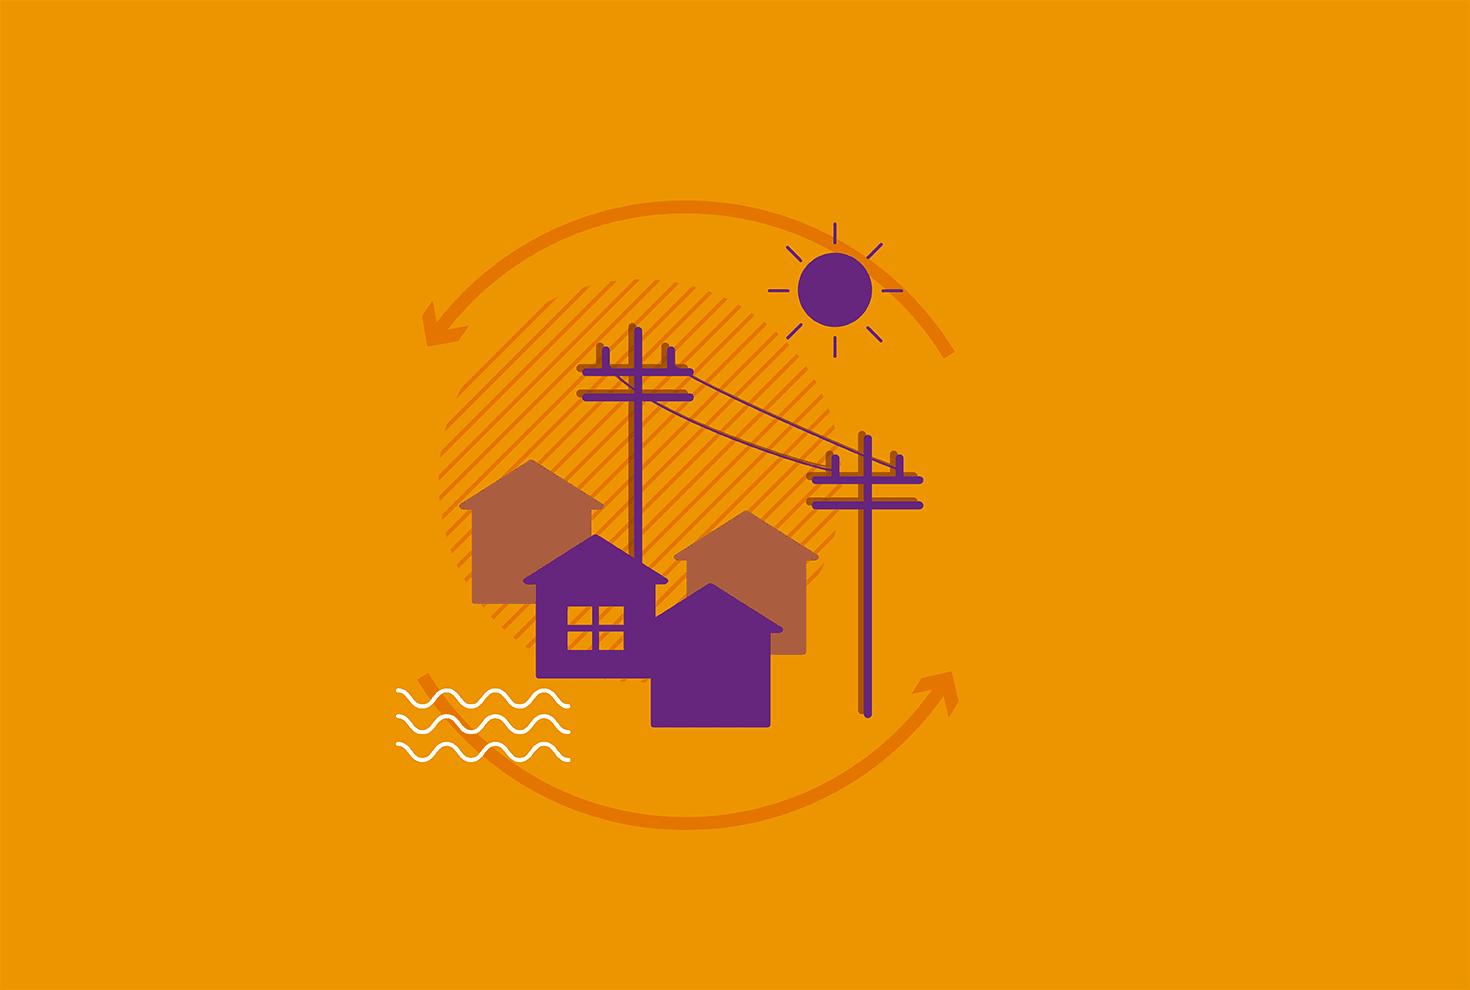 Wachsender Energiebedarf moderner Infrastruktur: Vergabe der Verlegung von Stromtrassen in Europa